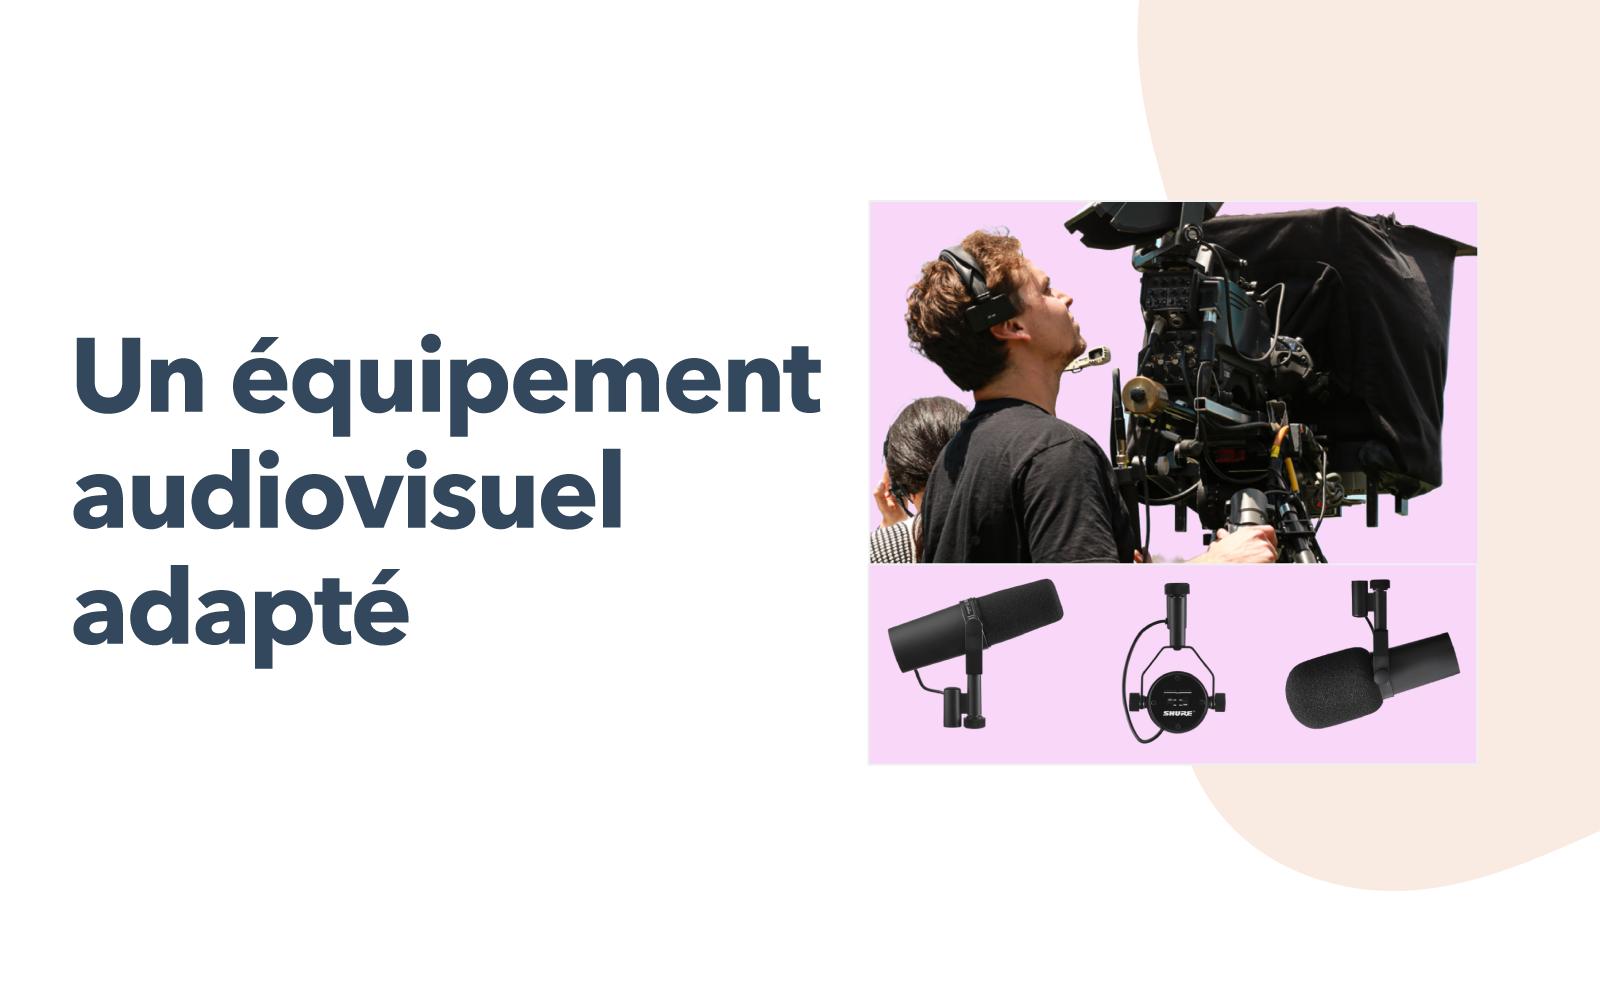 Équipement audiovisuel